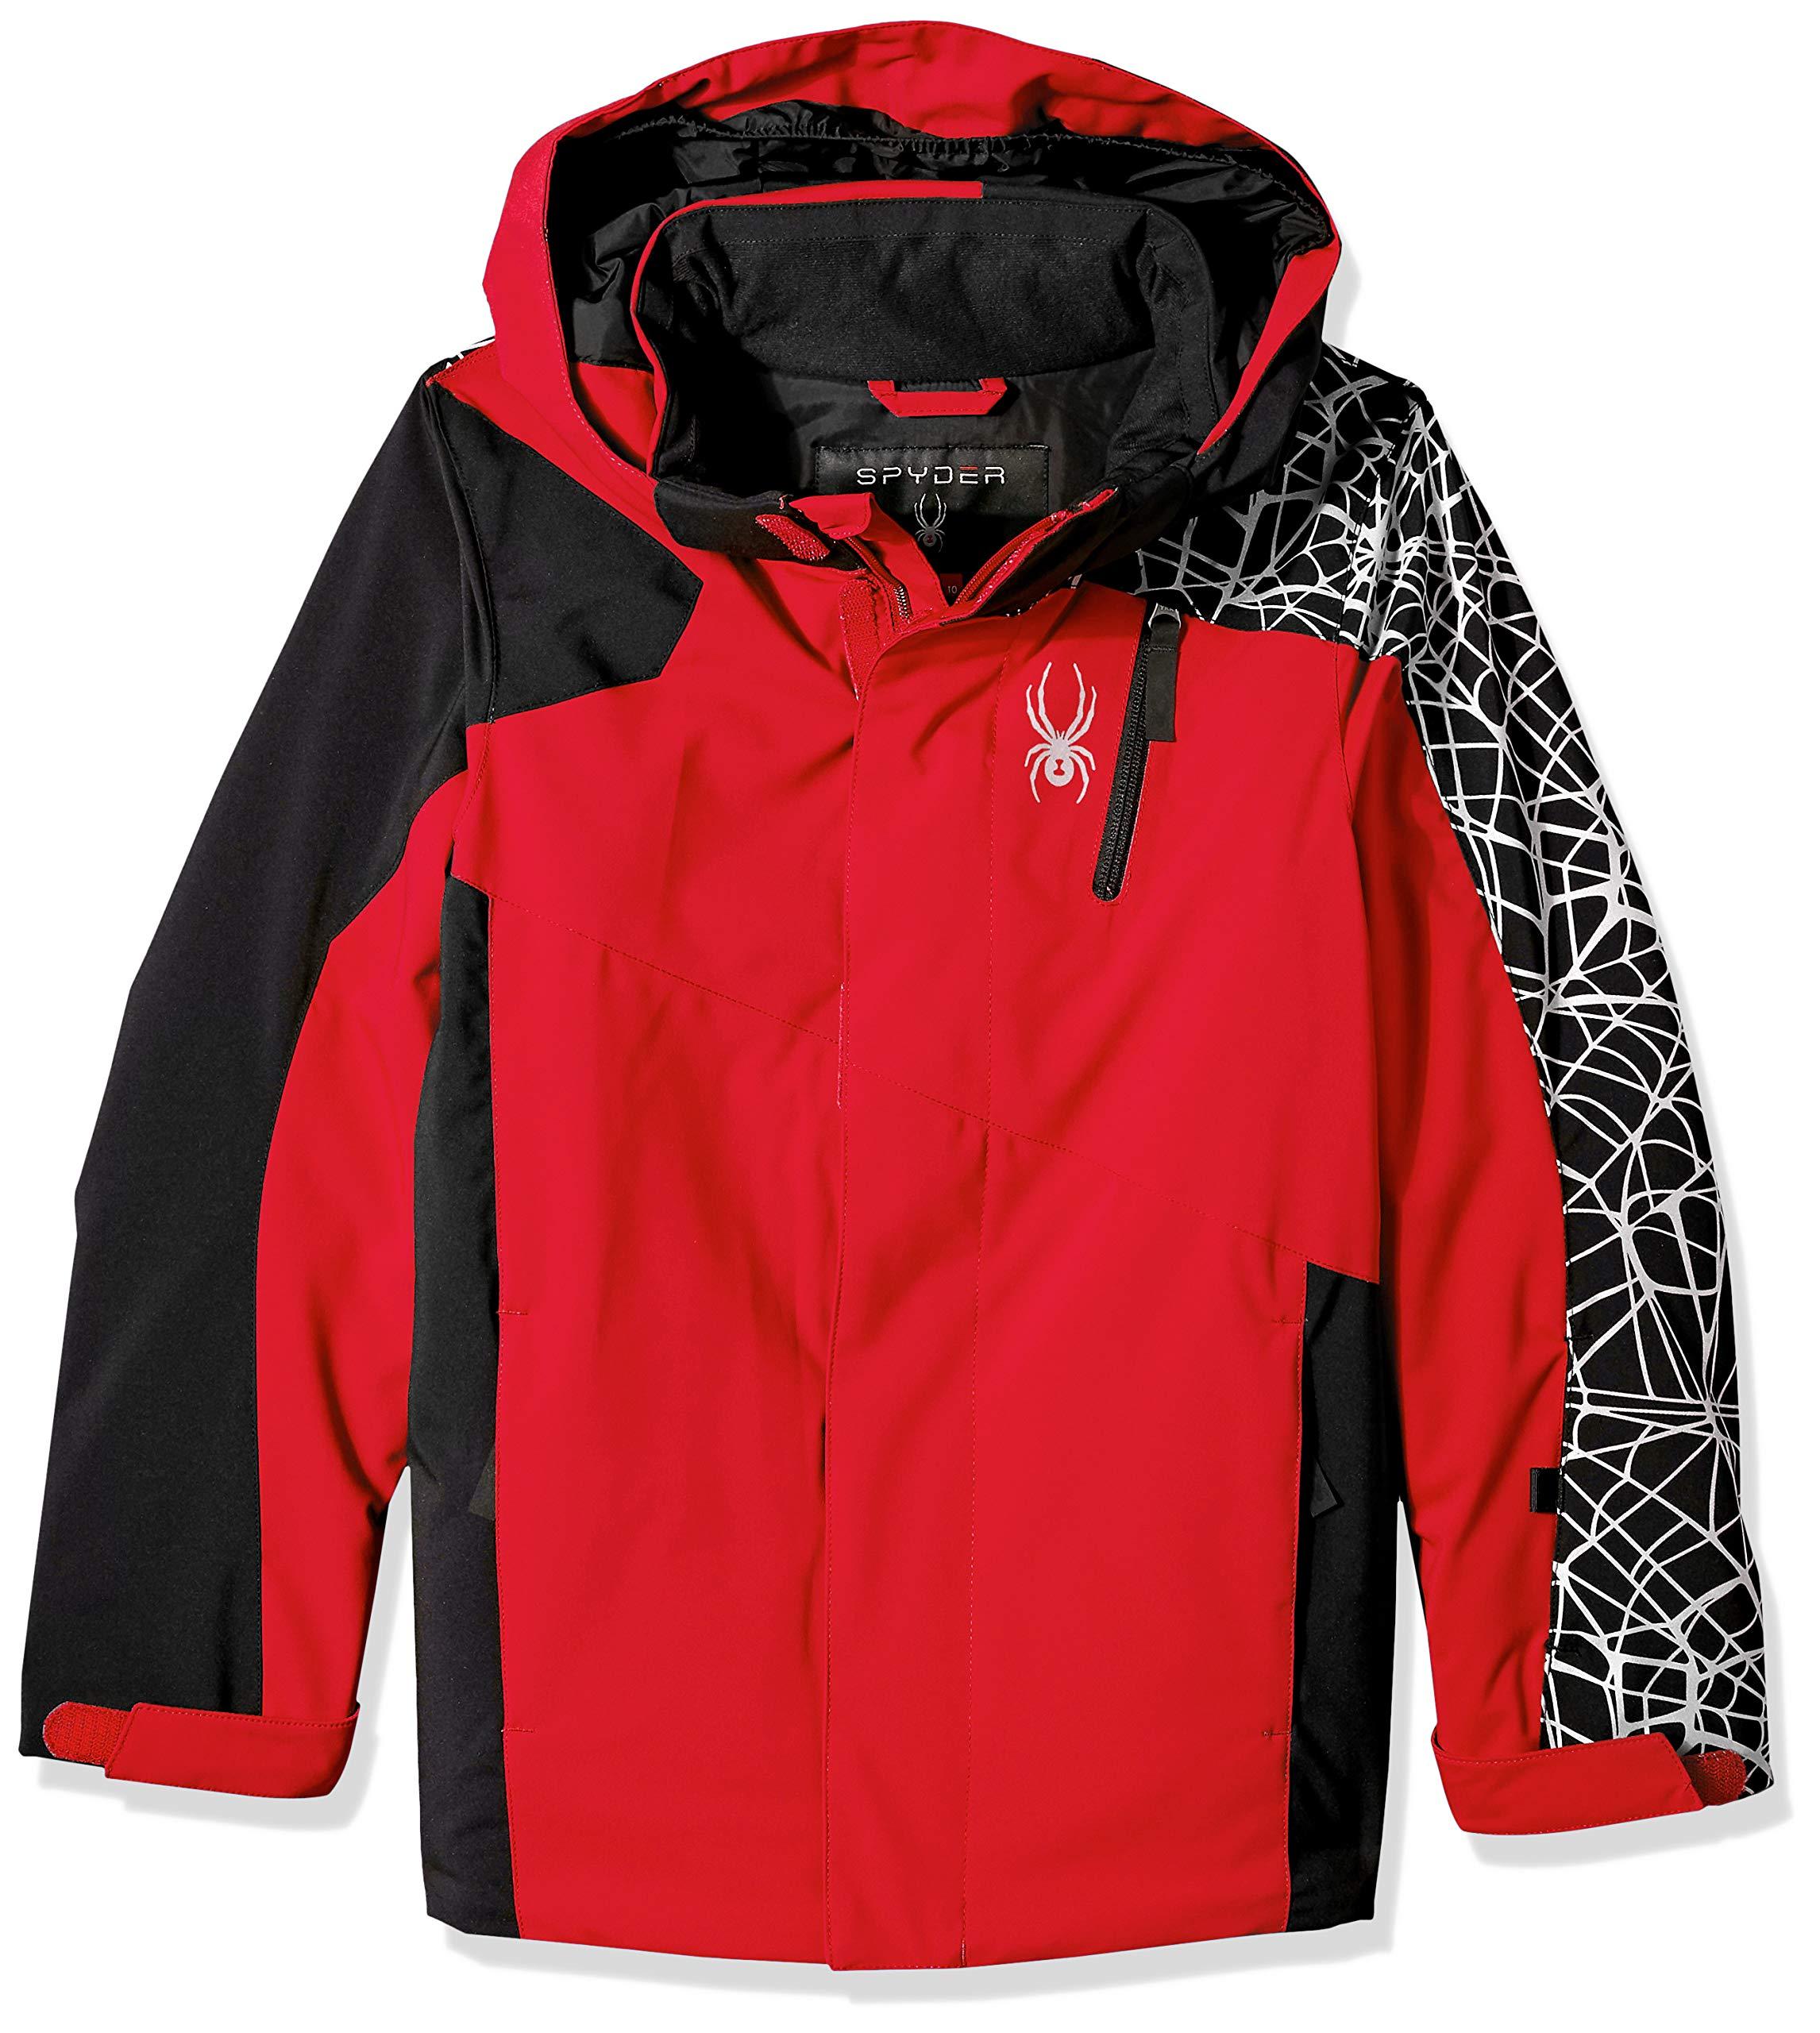 Spyder Boys' Guard Ski Jacket, Red/Black, Size 10